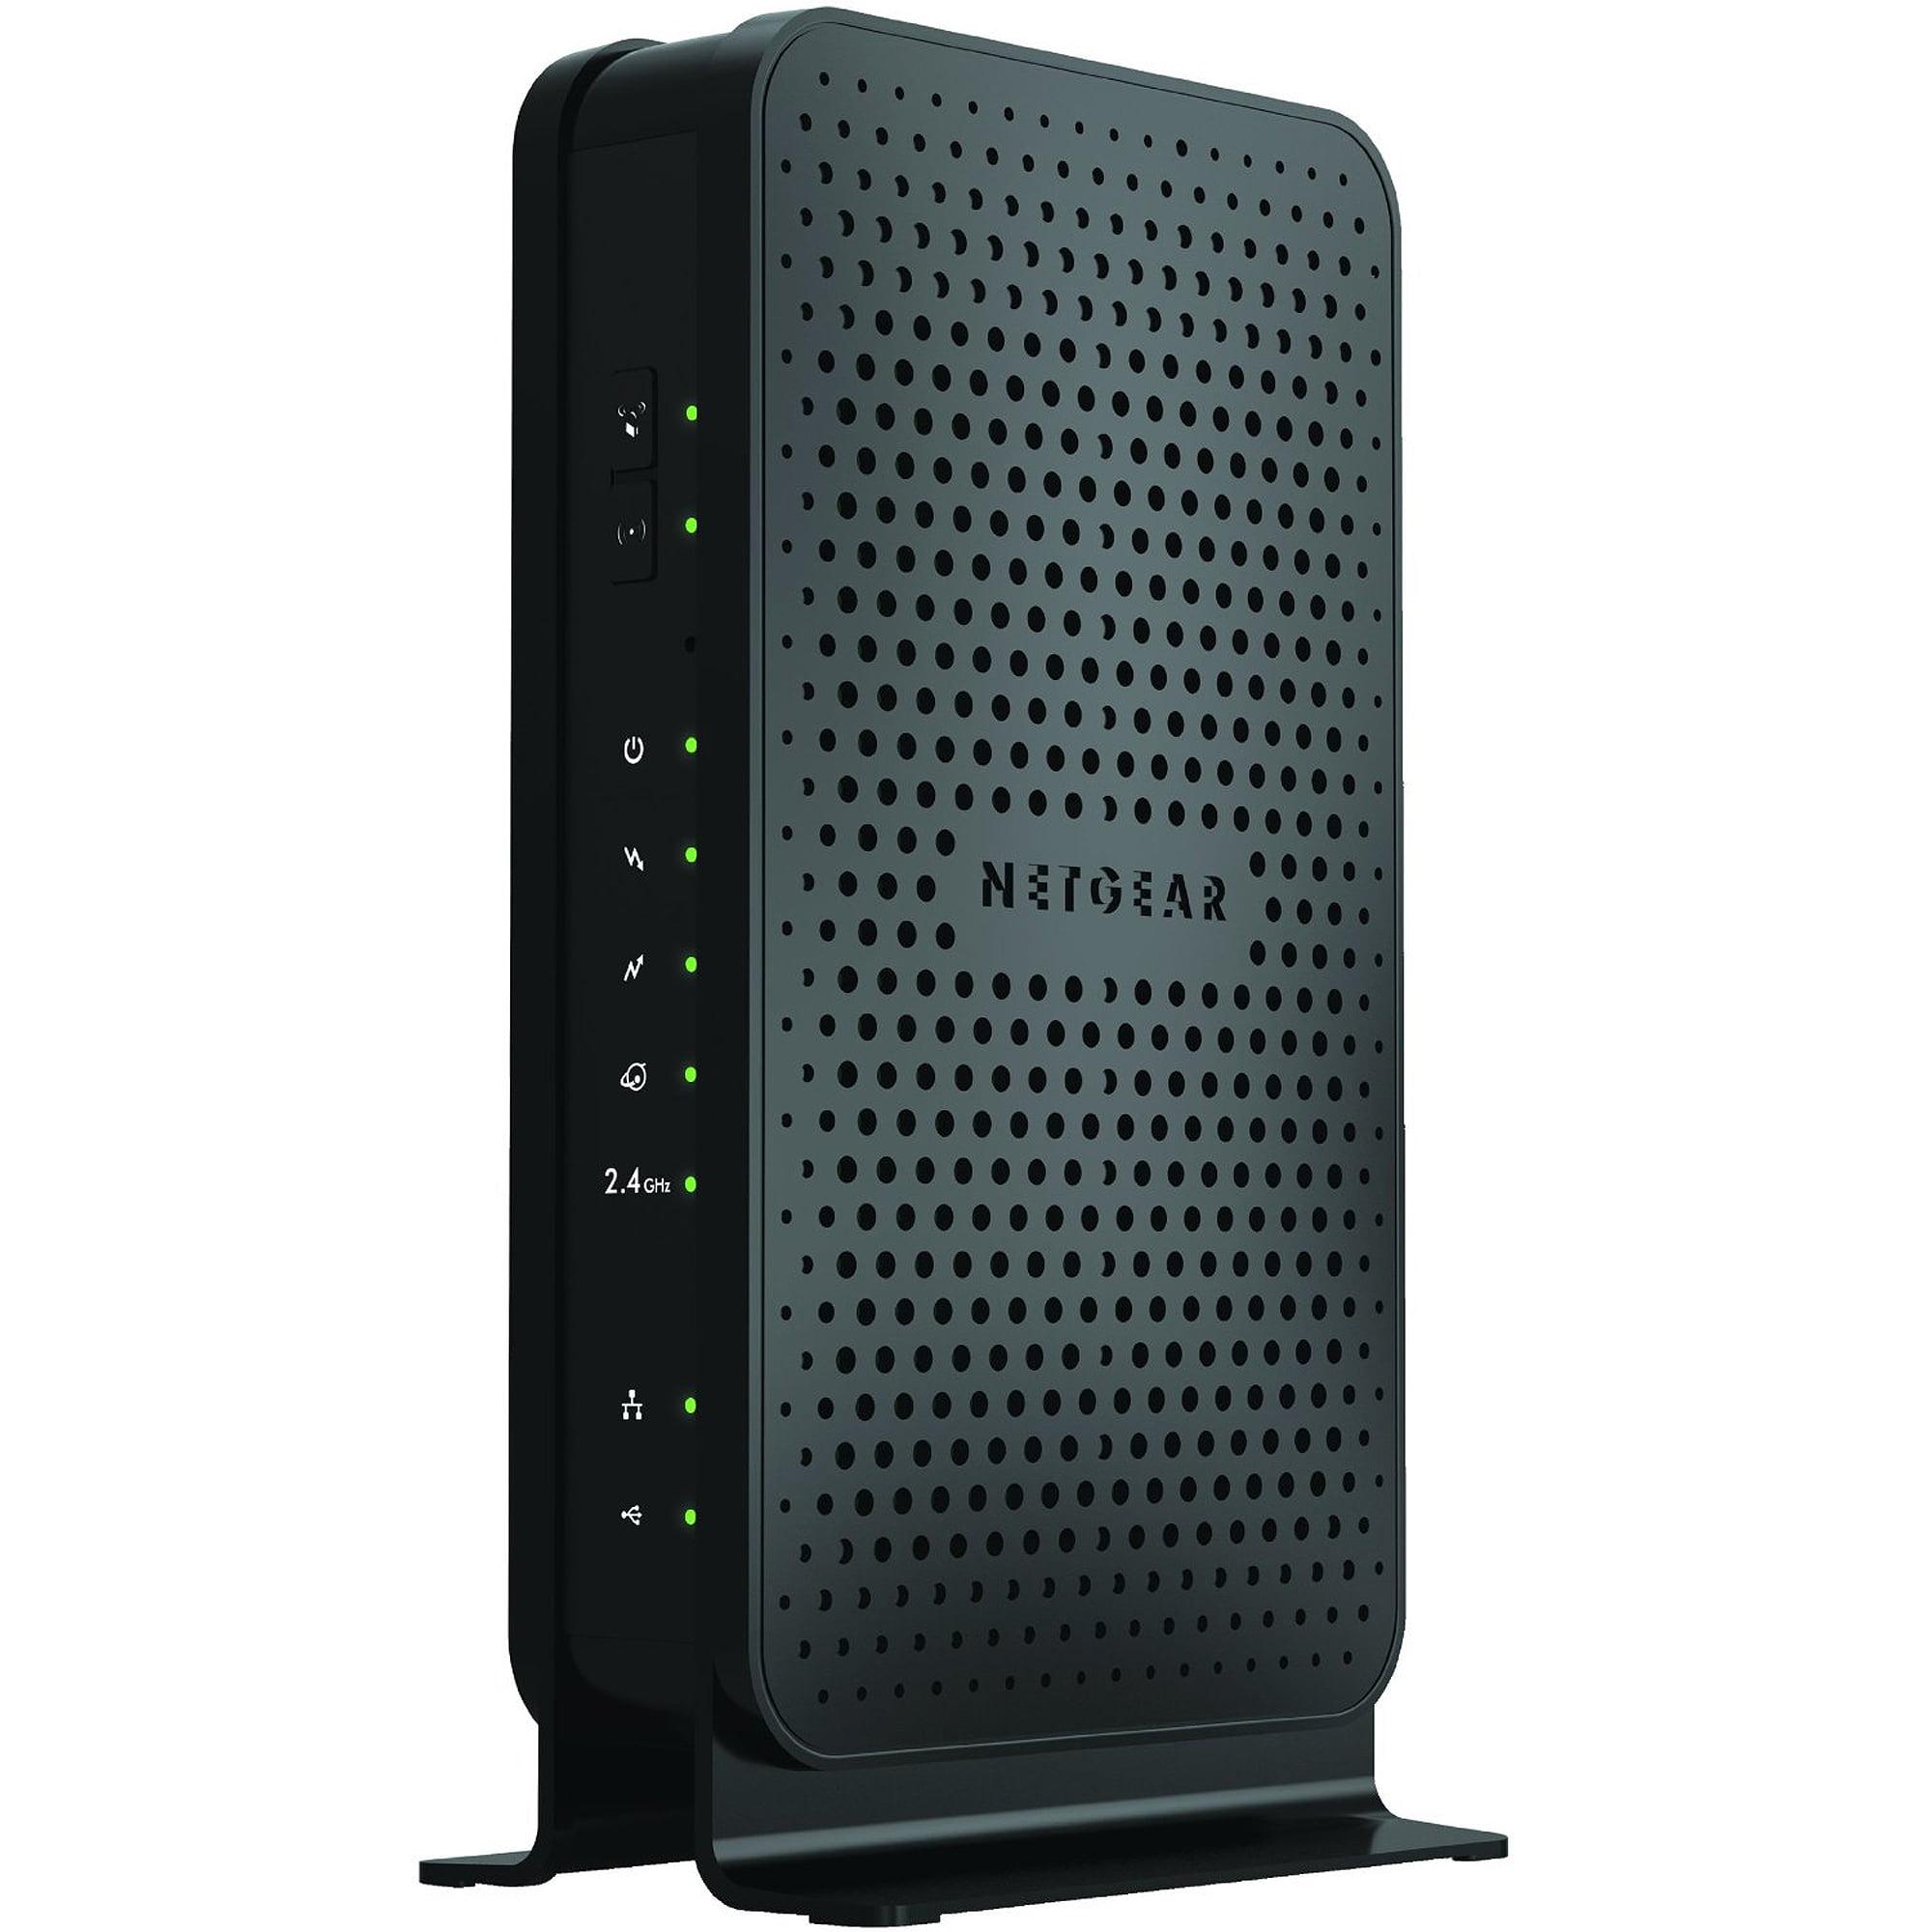 NETGEAR N300 WiFi DOCSIS 3.0 Cable Modem Router (C3000)